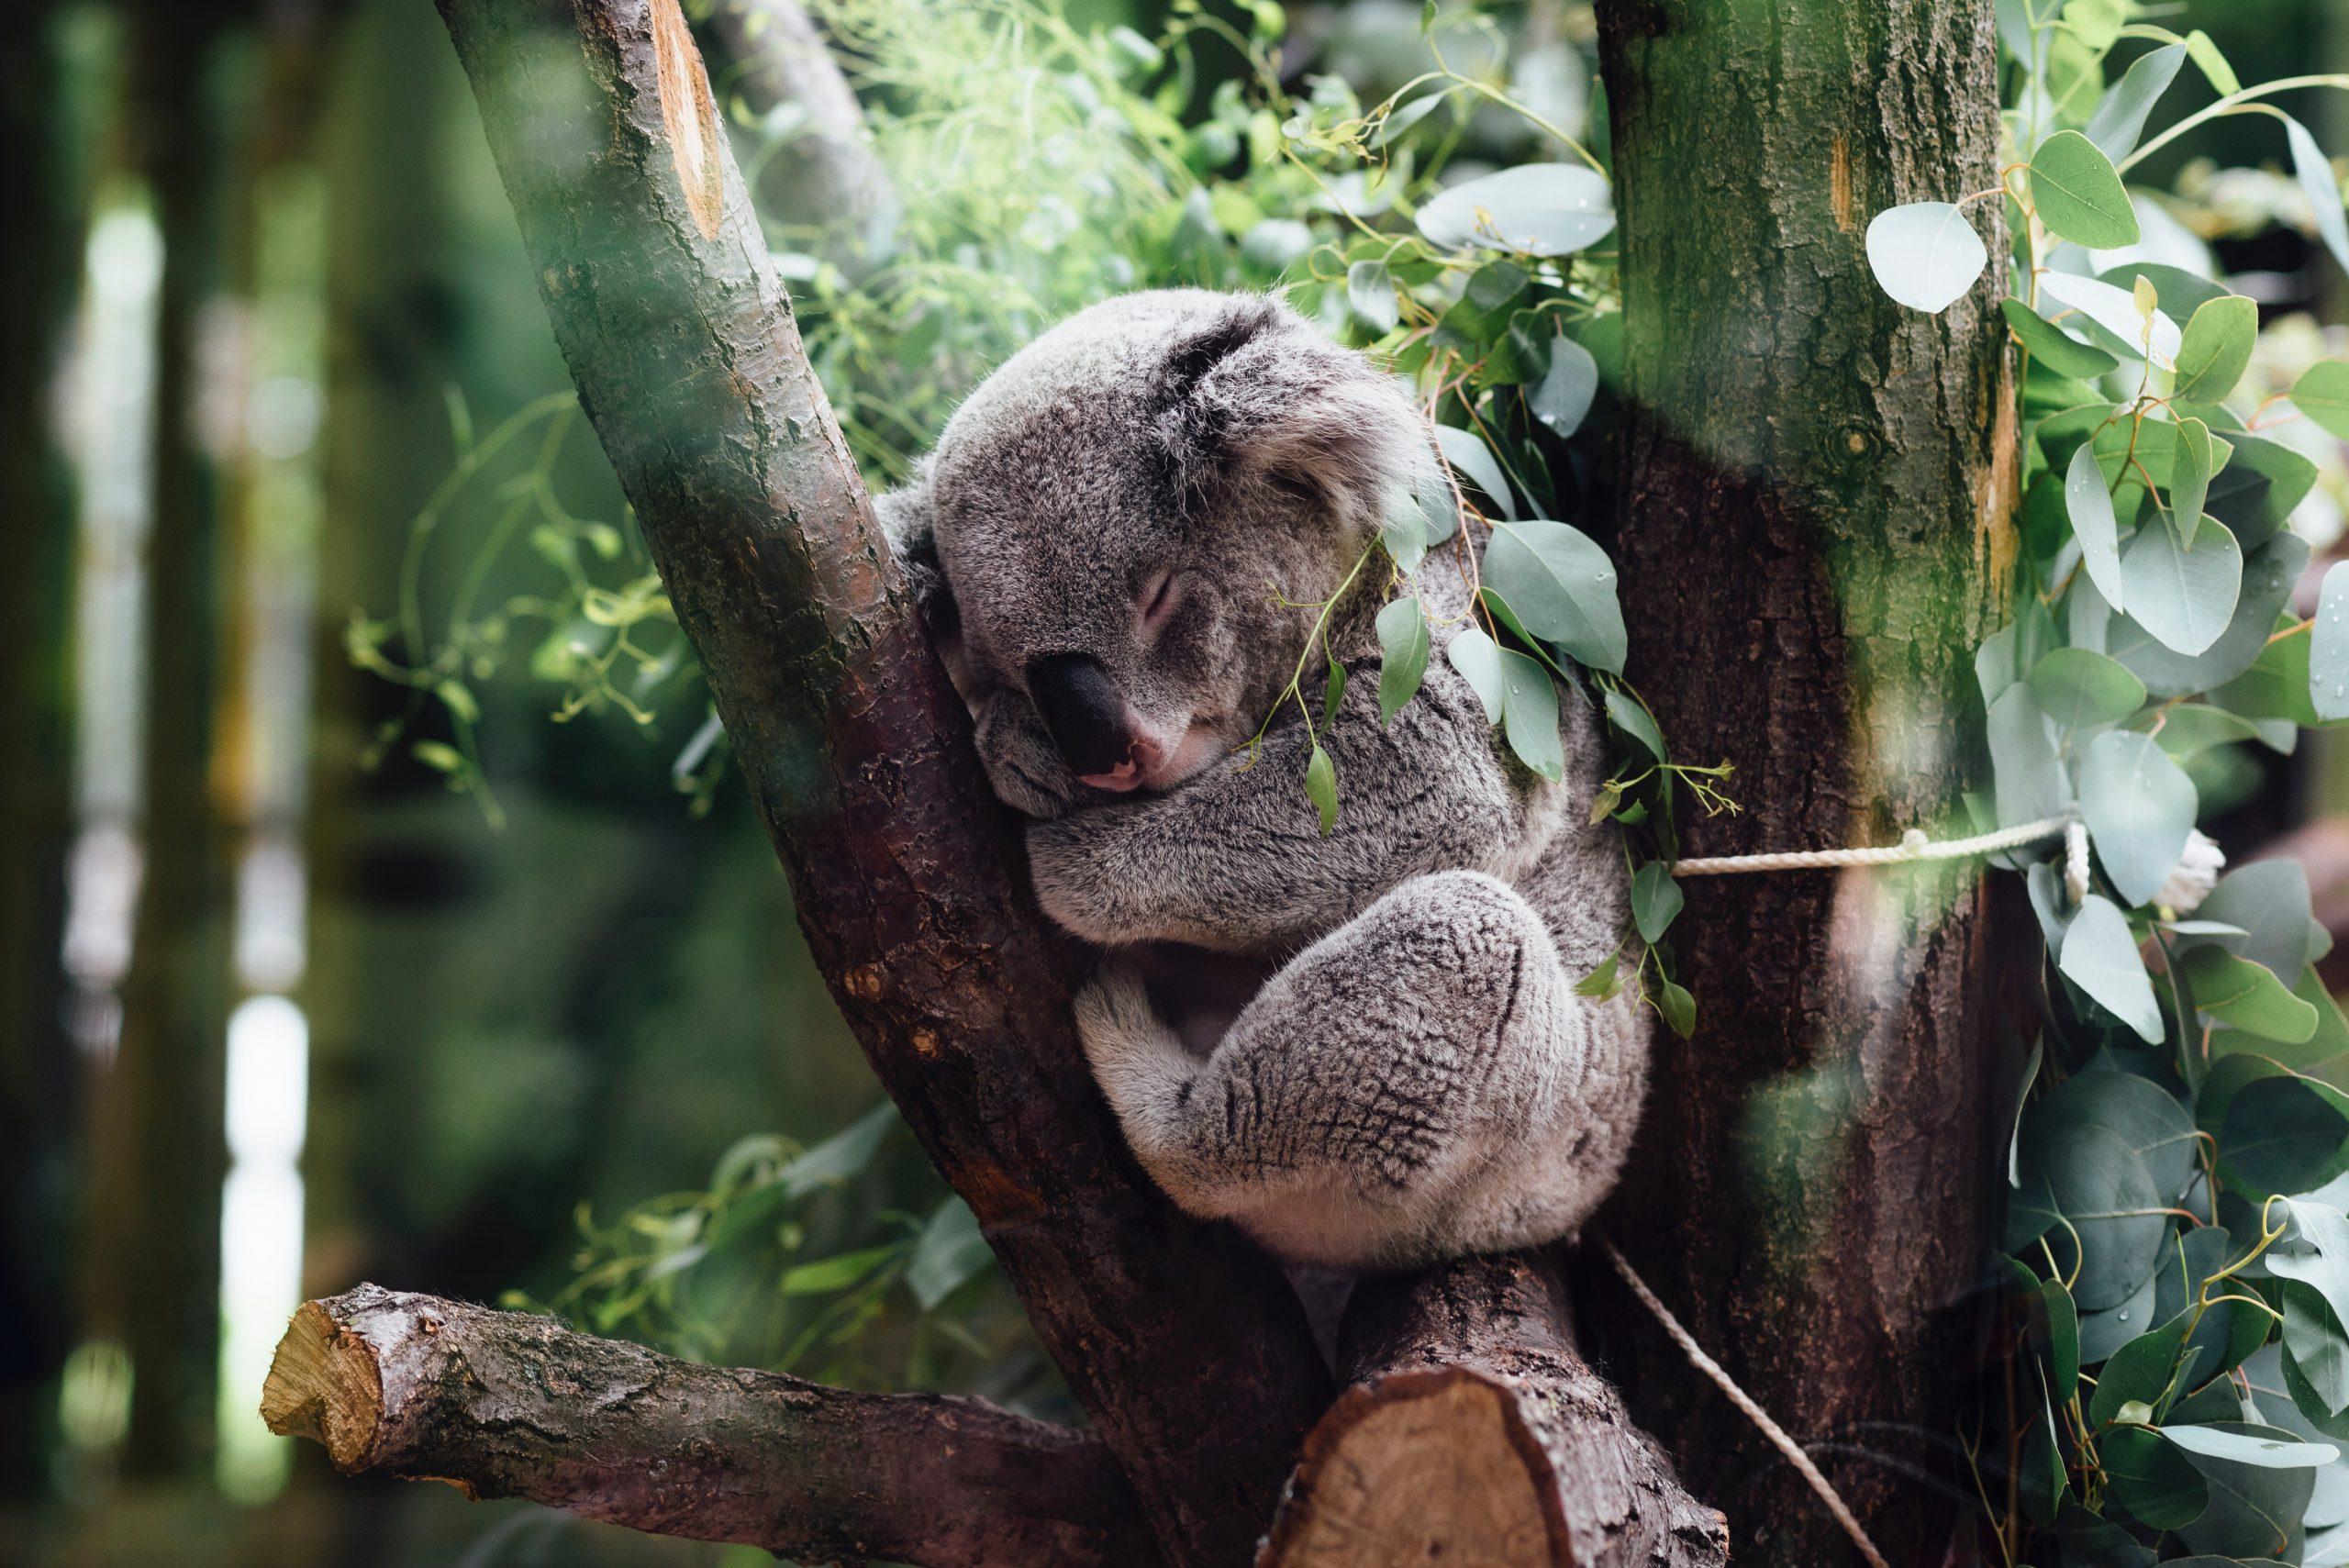 wallpaper Koala sleeping on tree branch